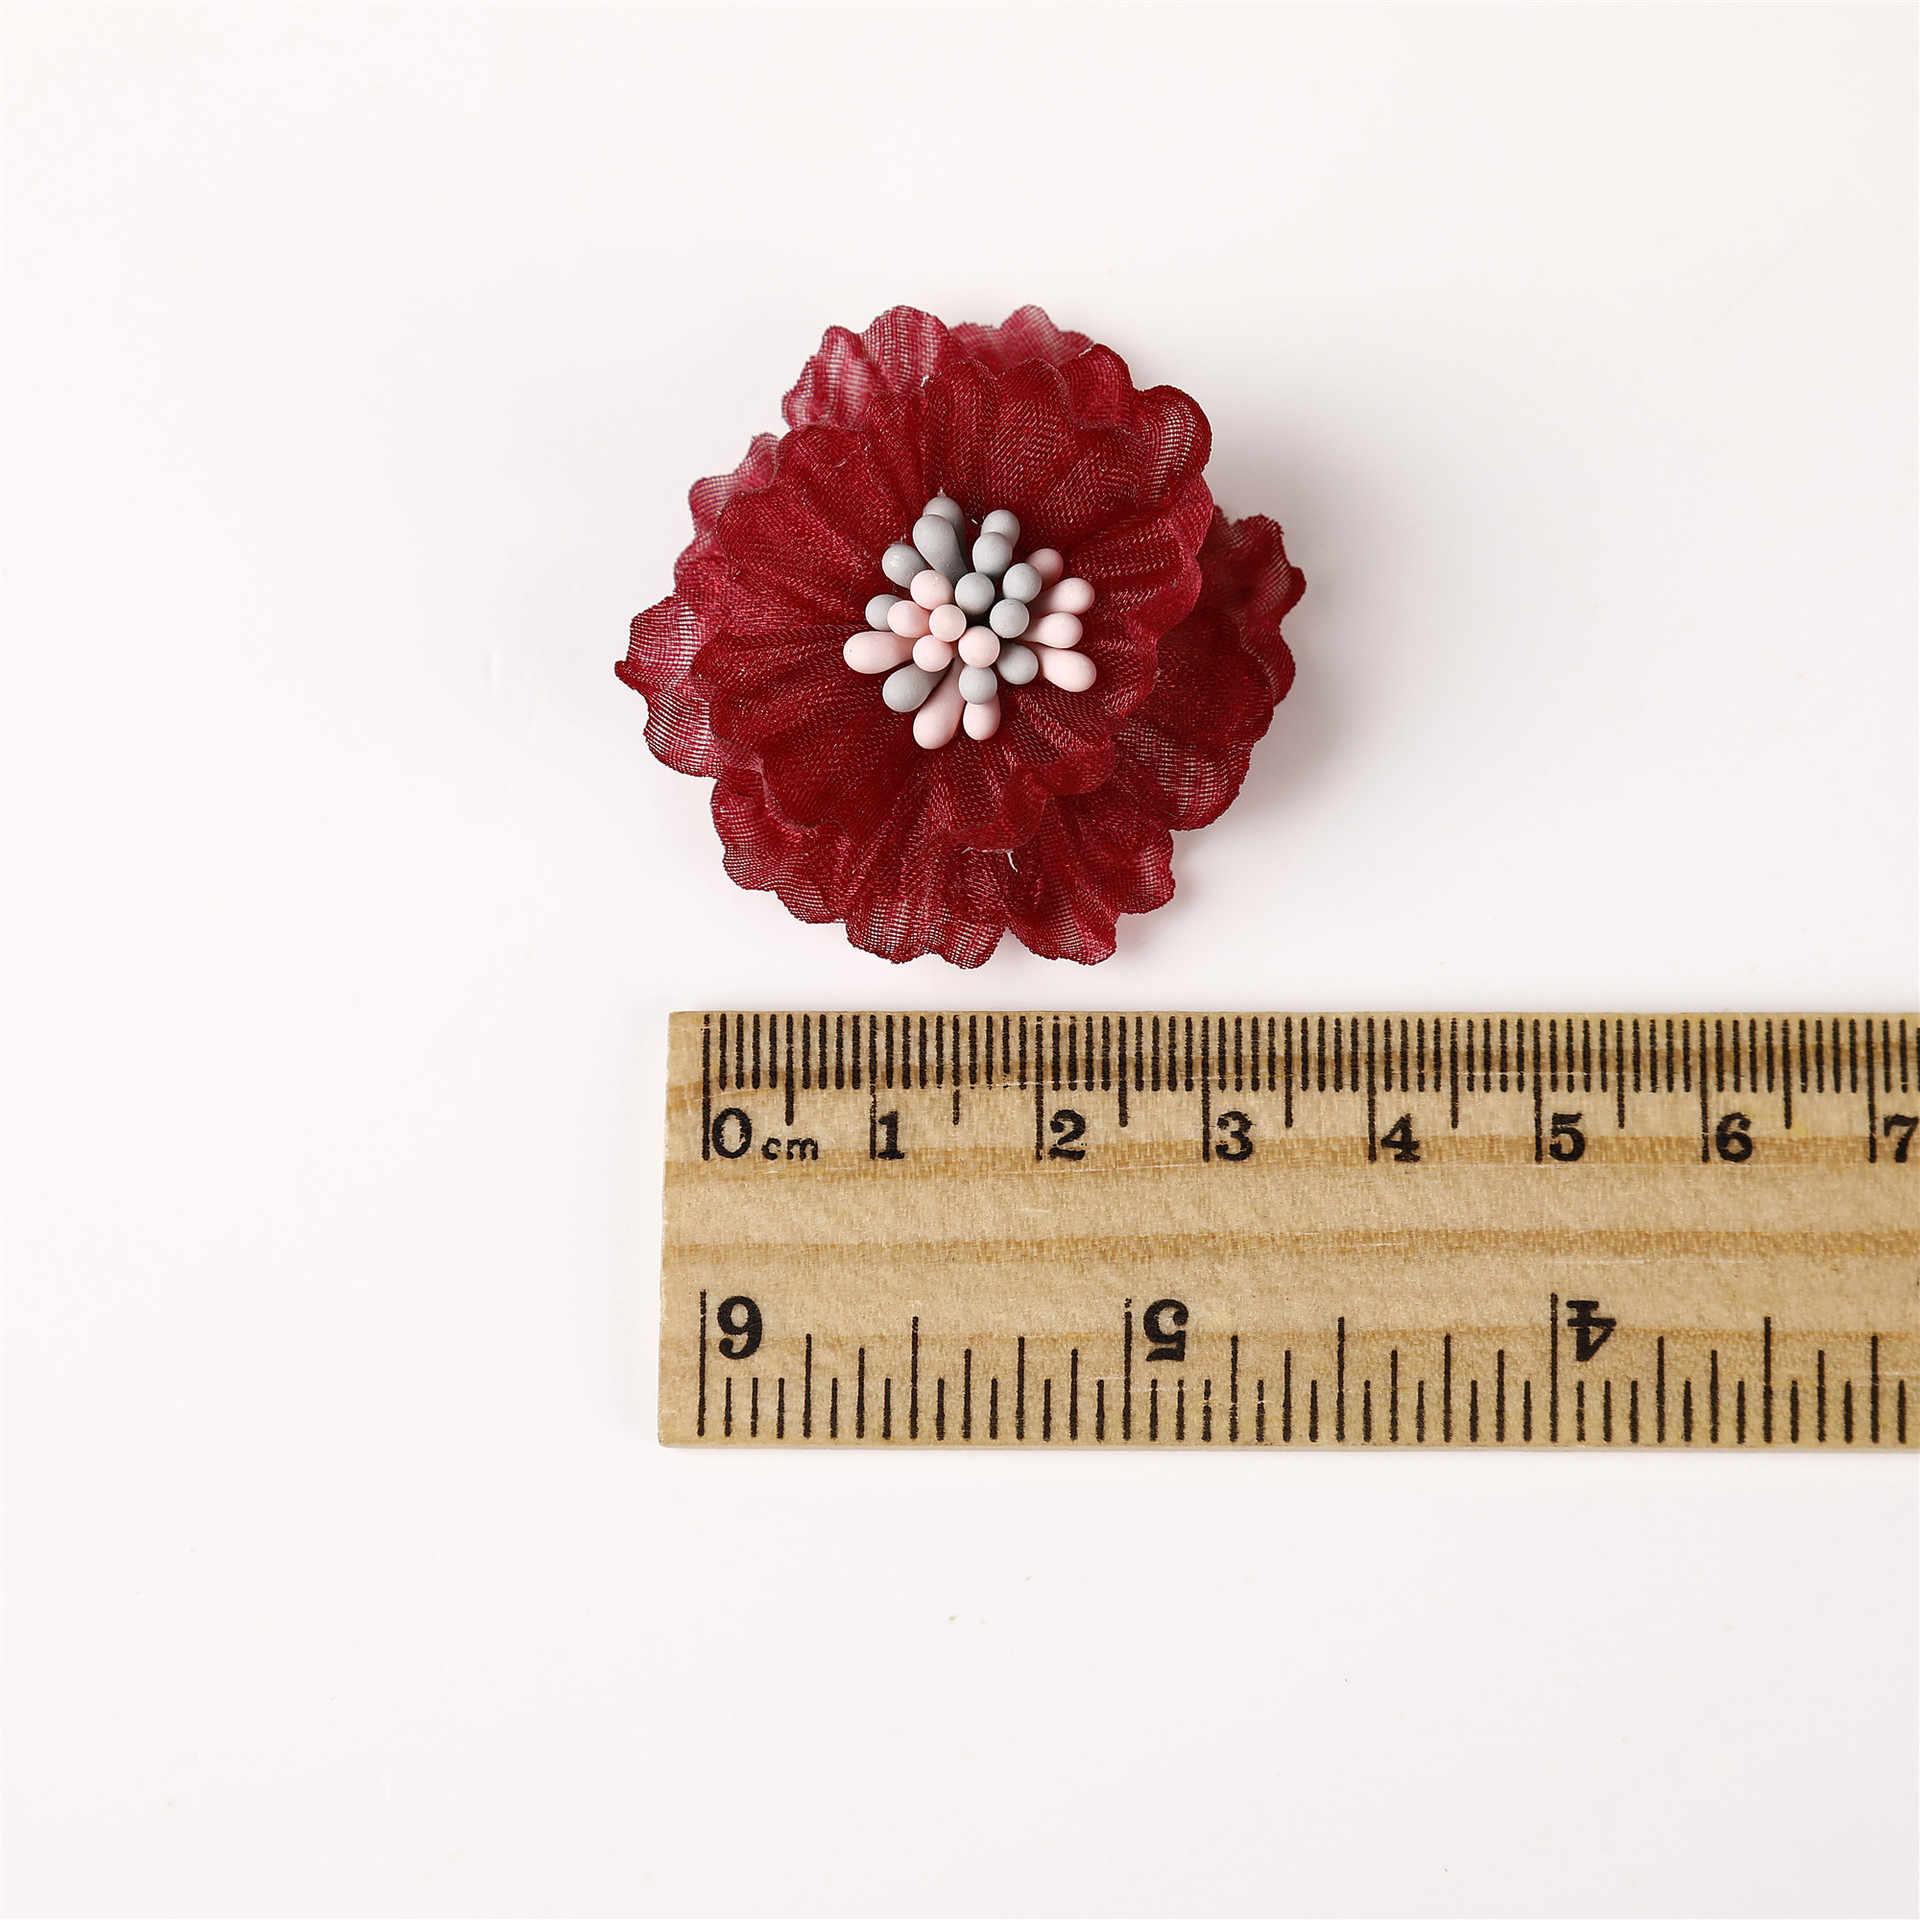 30pc 3 センチメートルカーリングおしべ花ファッションヘアアクセサリー DIY アクセサリーブティック結婚式の装飾の花なしヘアクリップ毛の弓